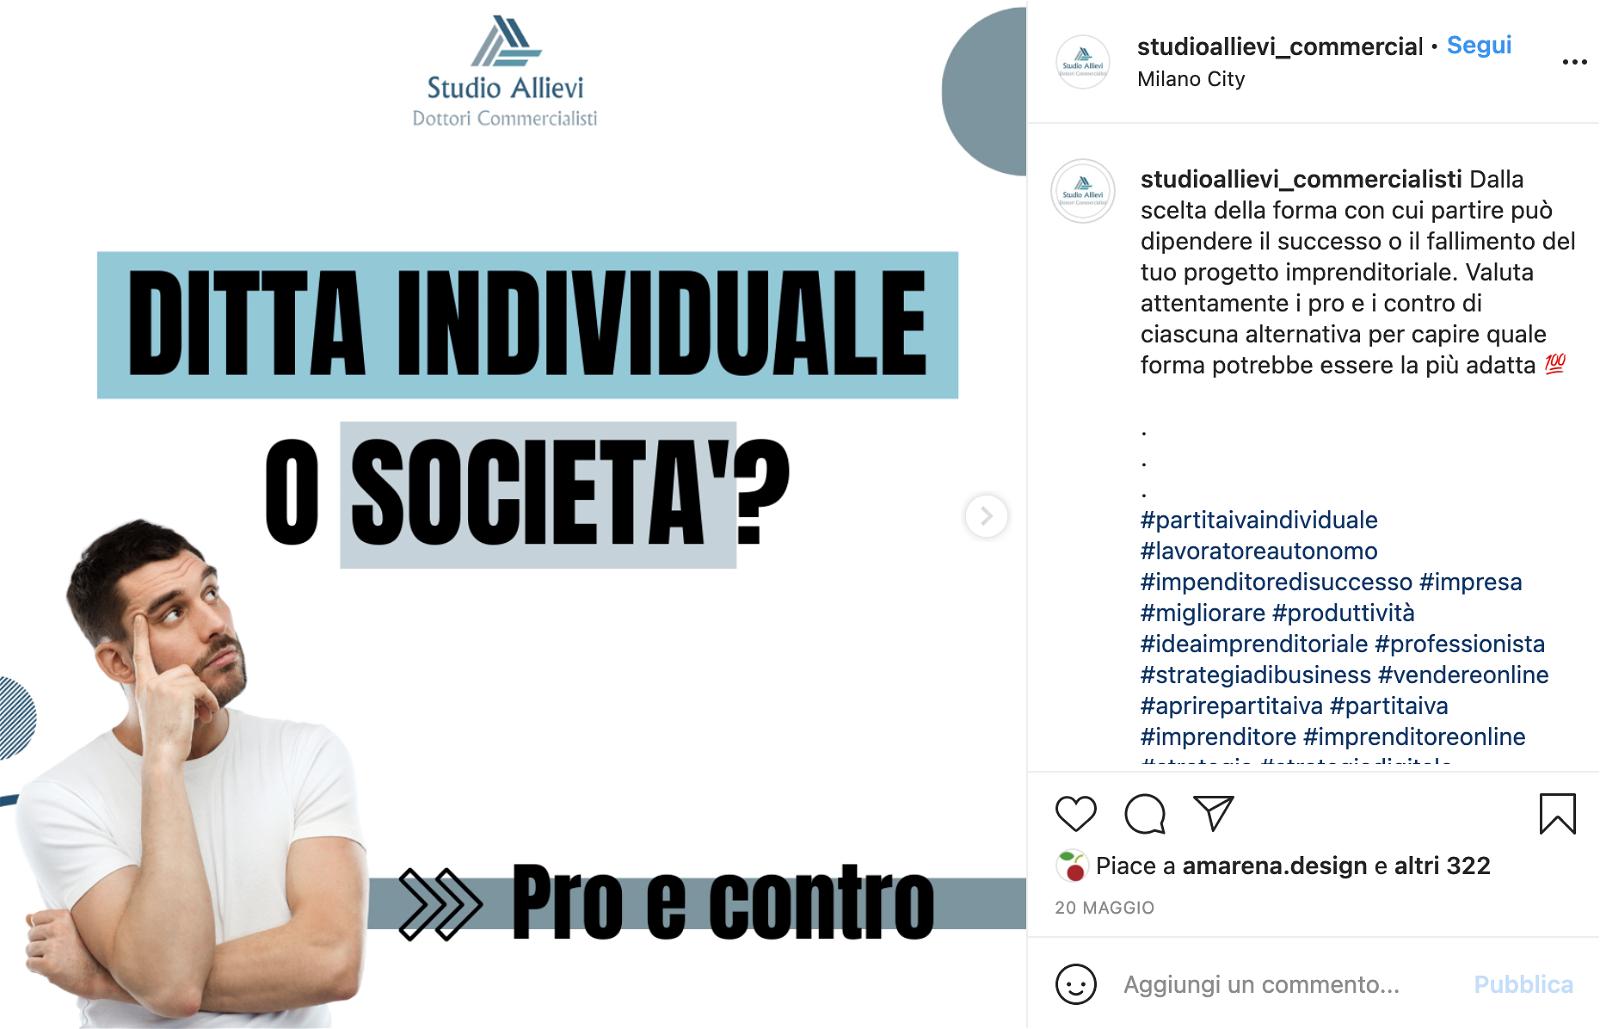 allievi esempio post instagram